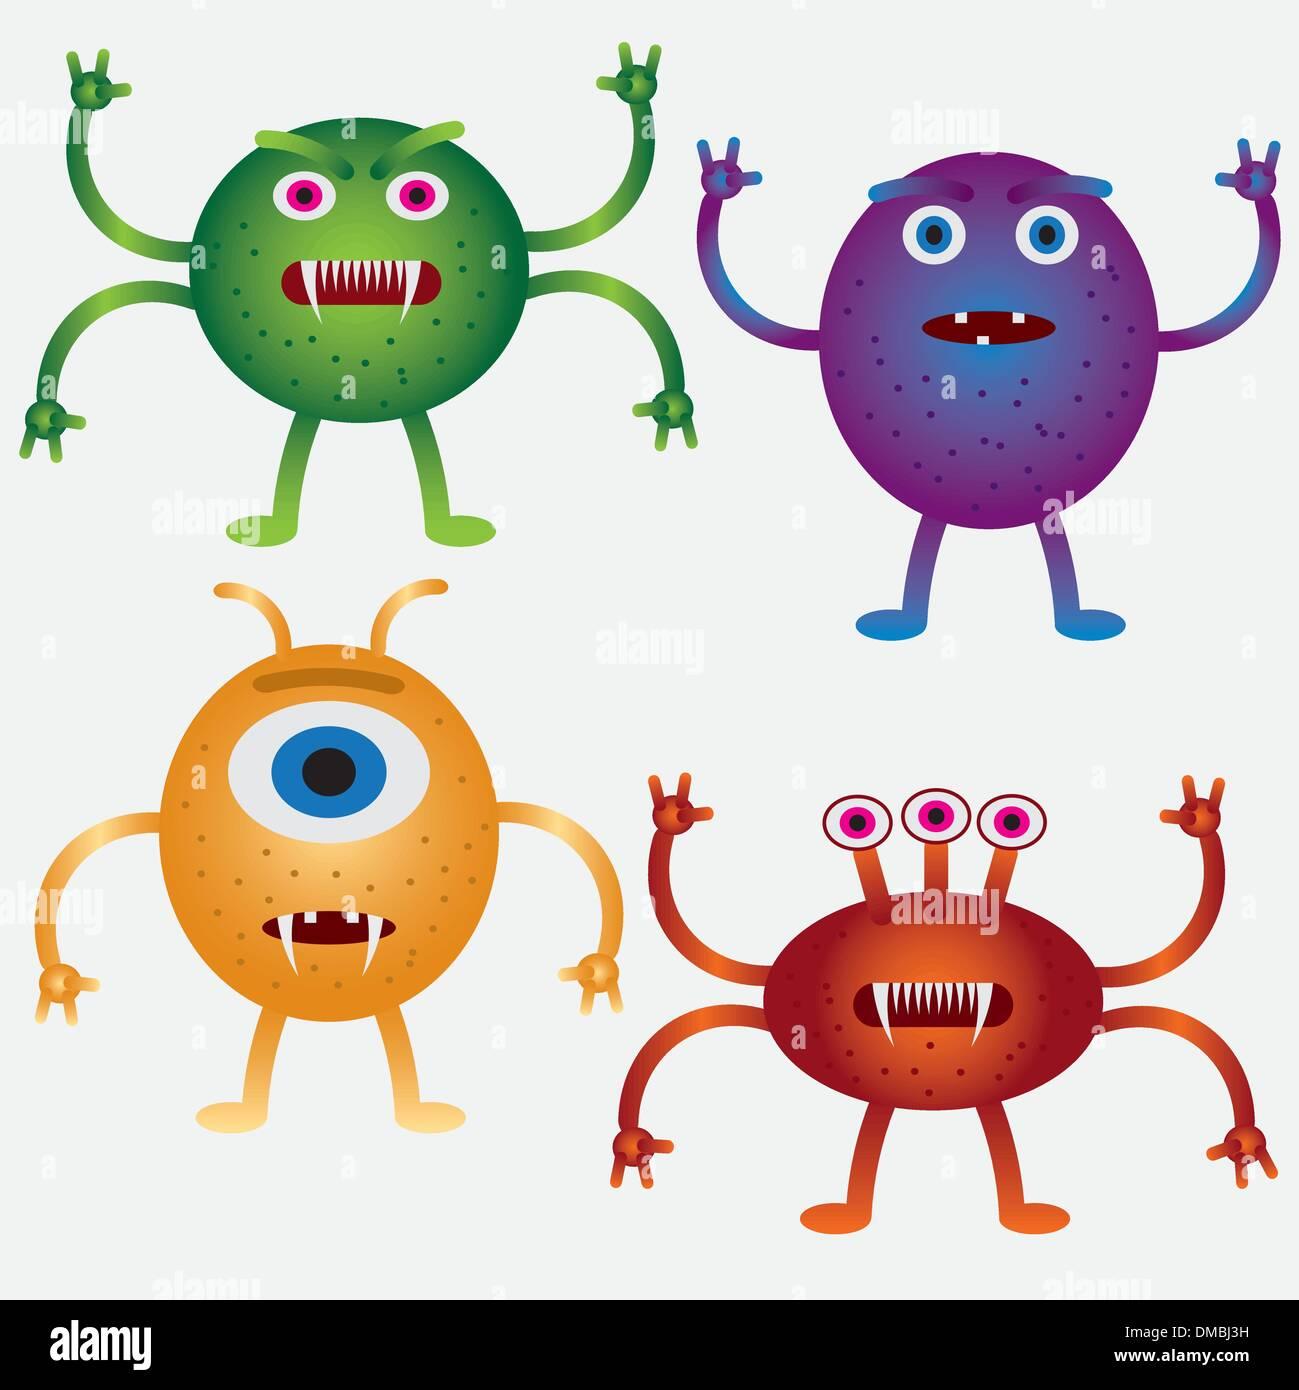 Set of cartoon microbes. - Stock Image